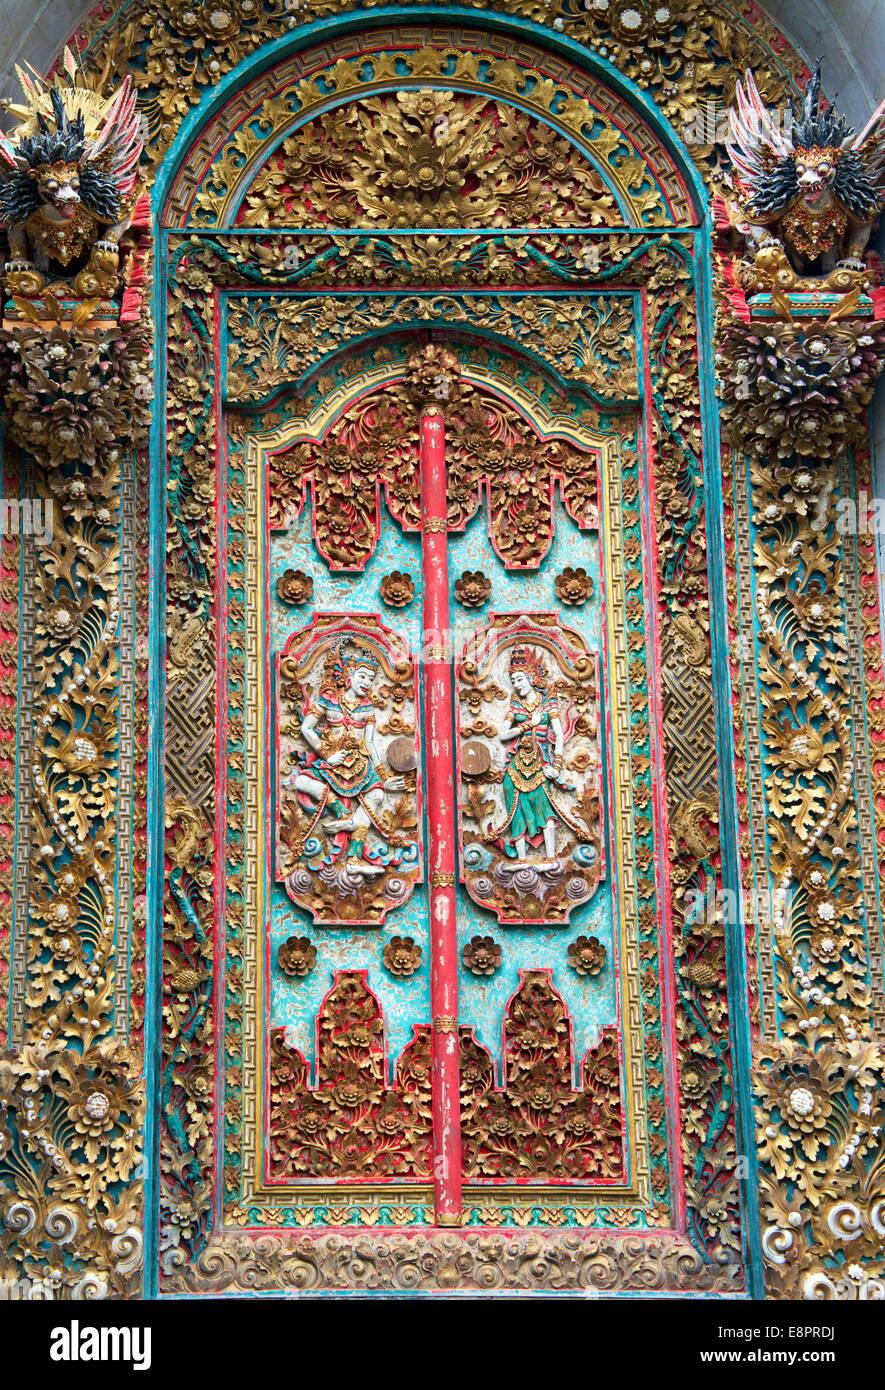 Ornate carved wooden door Ubud Bali Indonesia - Stock Image & Balinese Door Stock Photos \u0026 Balinese Door Stock Images - Alamy Pezcame.Com